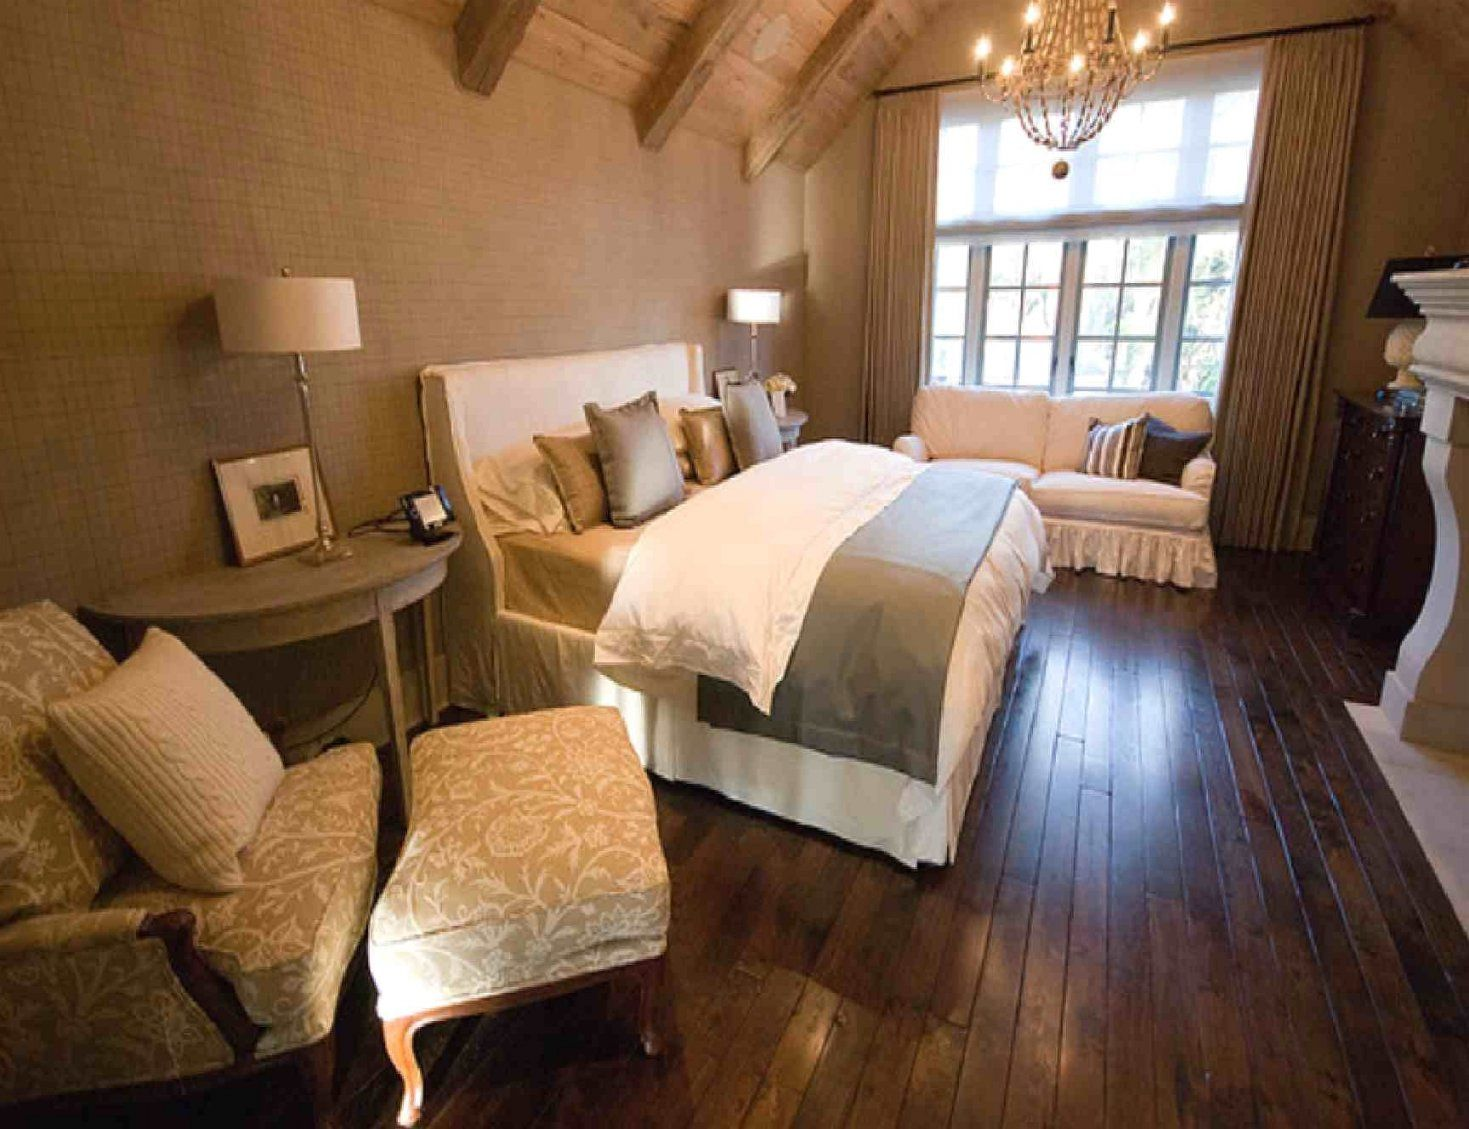 mein schlafzimmer schlafzimmer mit dachschr ge dachschr ge und von schlafzimmer ideen. Black Bedroom Furniture Sets. Home Design Ideas